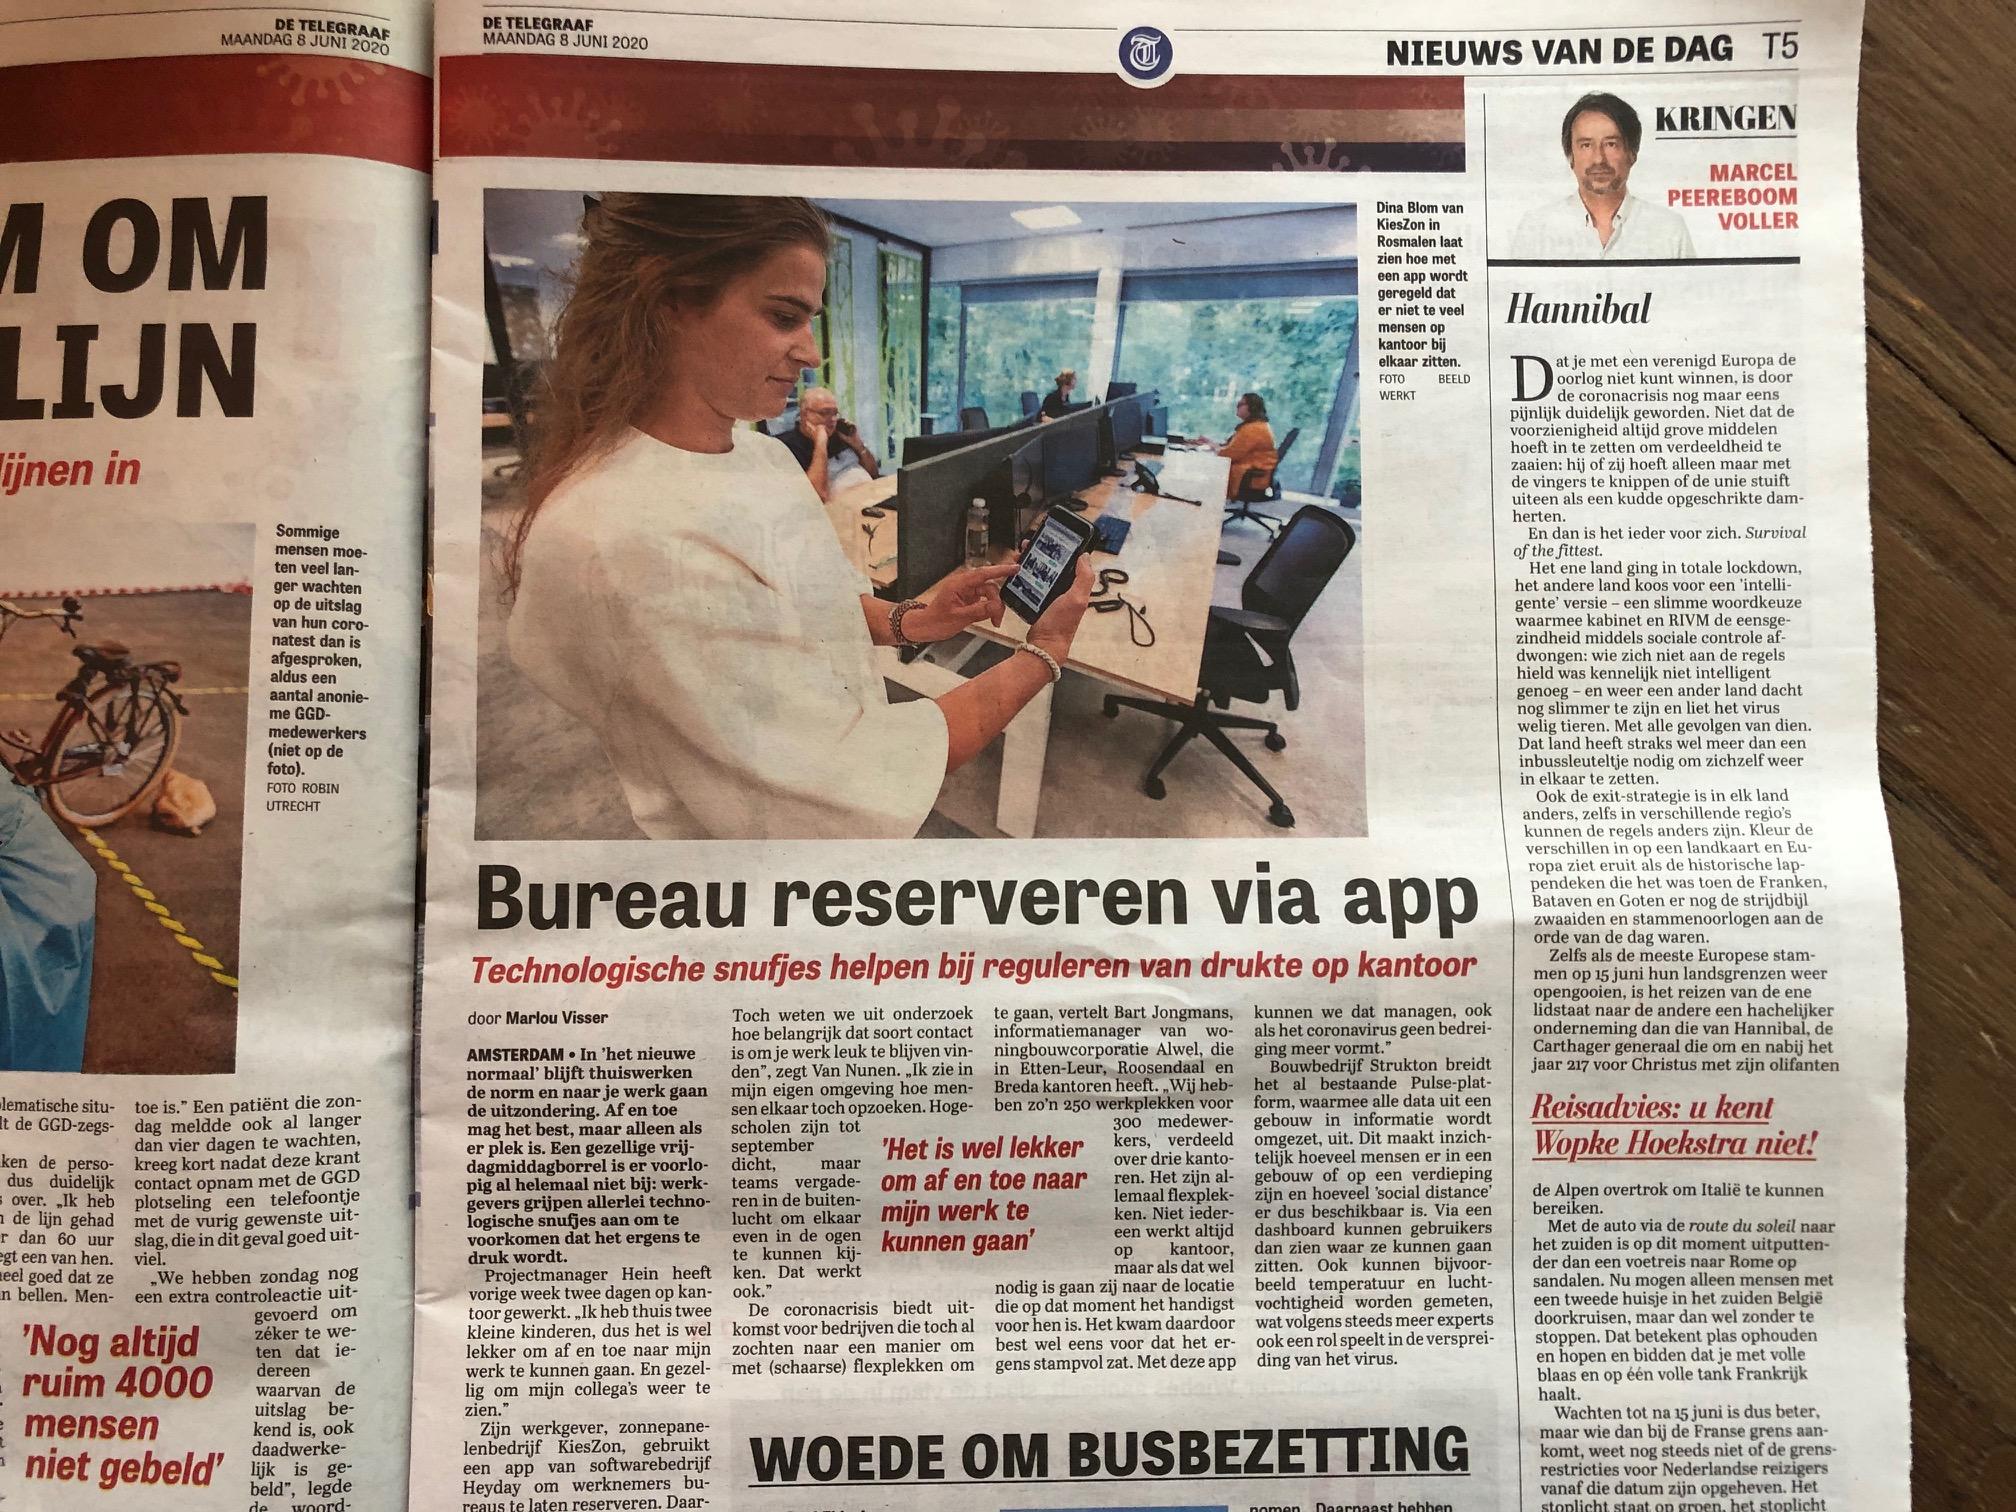 Thuiswerker wil collega's weer zien: 'Bureau reserveren via app'